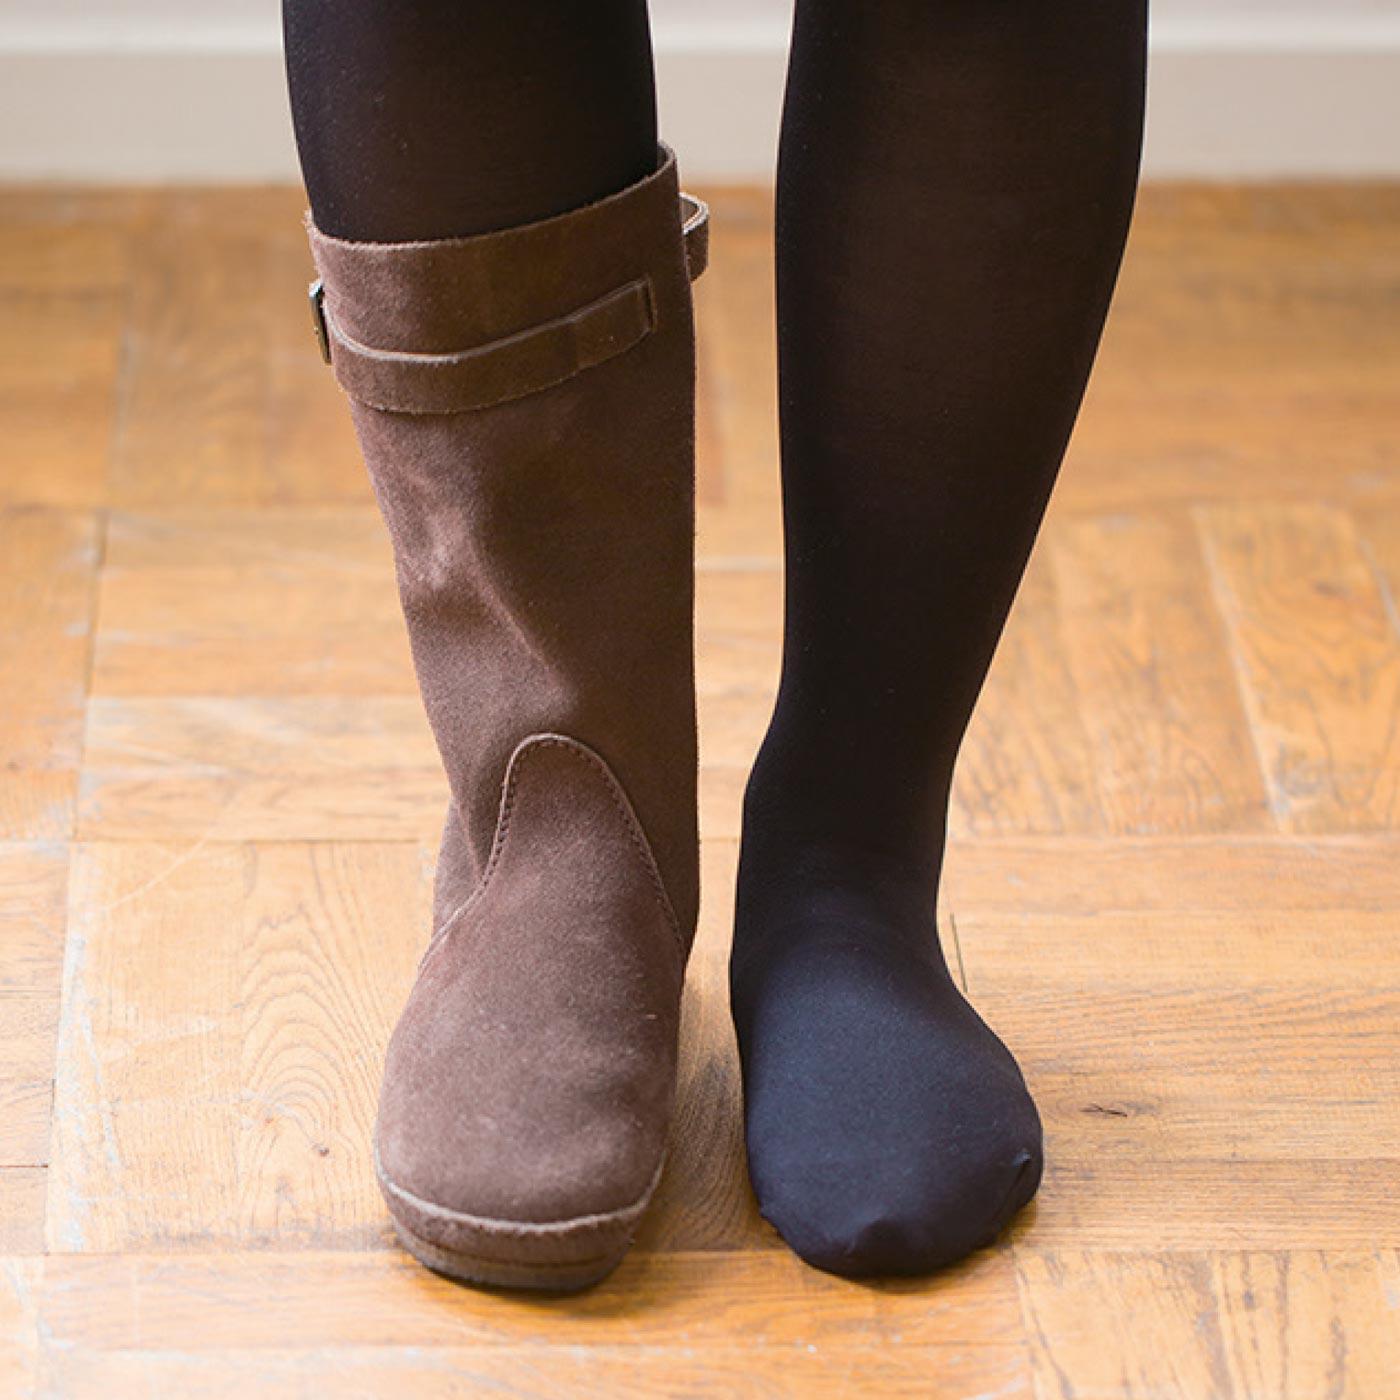 はきやすいからタイツとの重ねばきも◎。ブーツのつま先もぬくぬく。